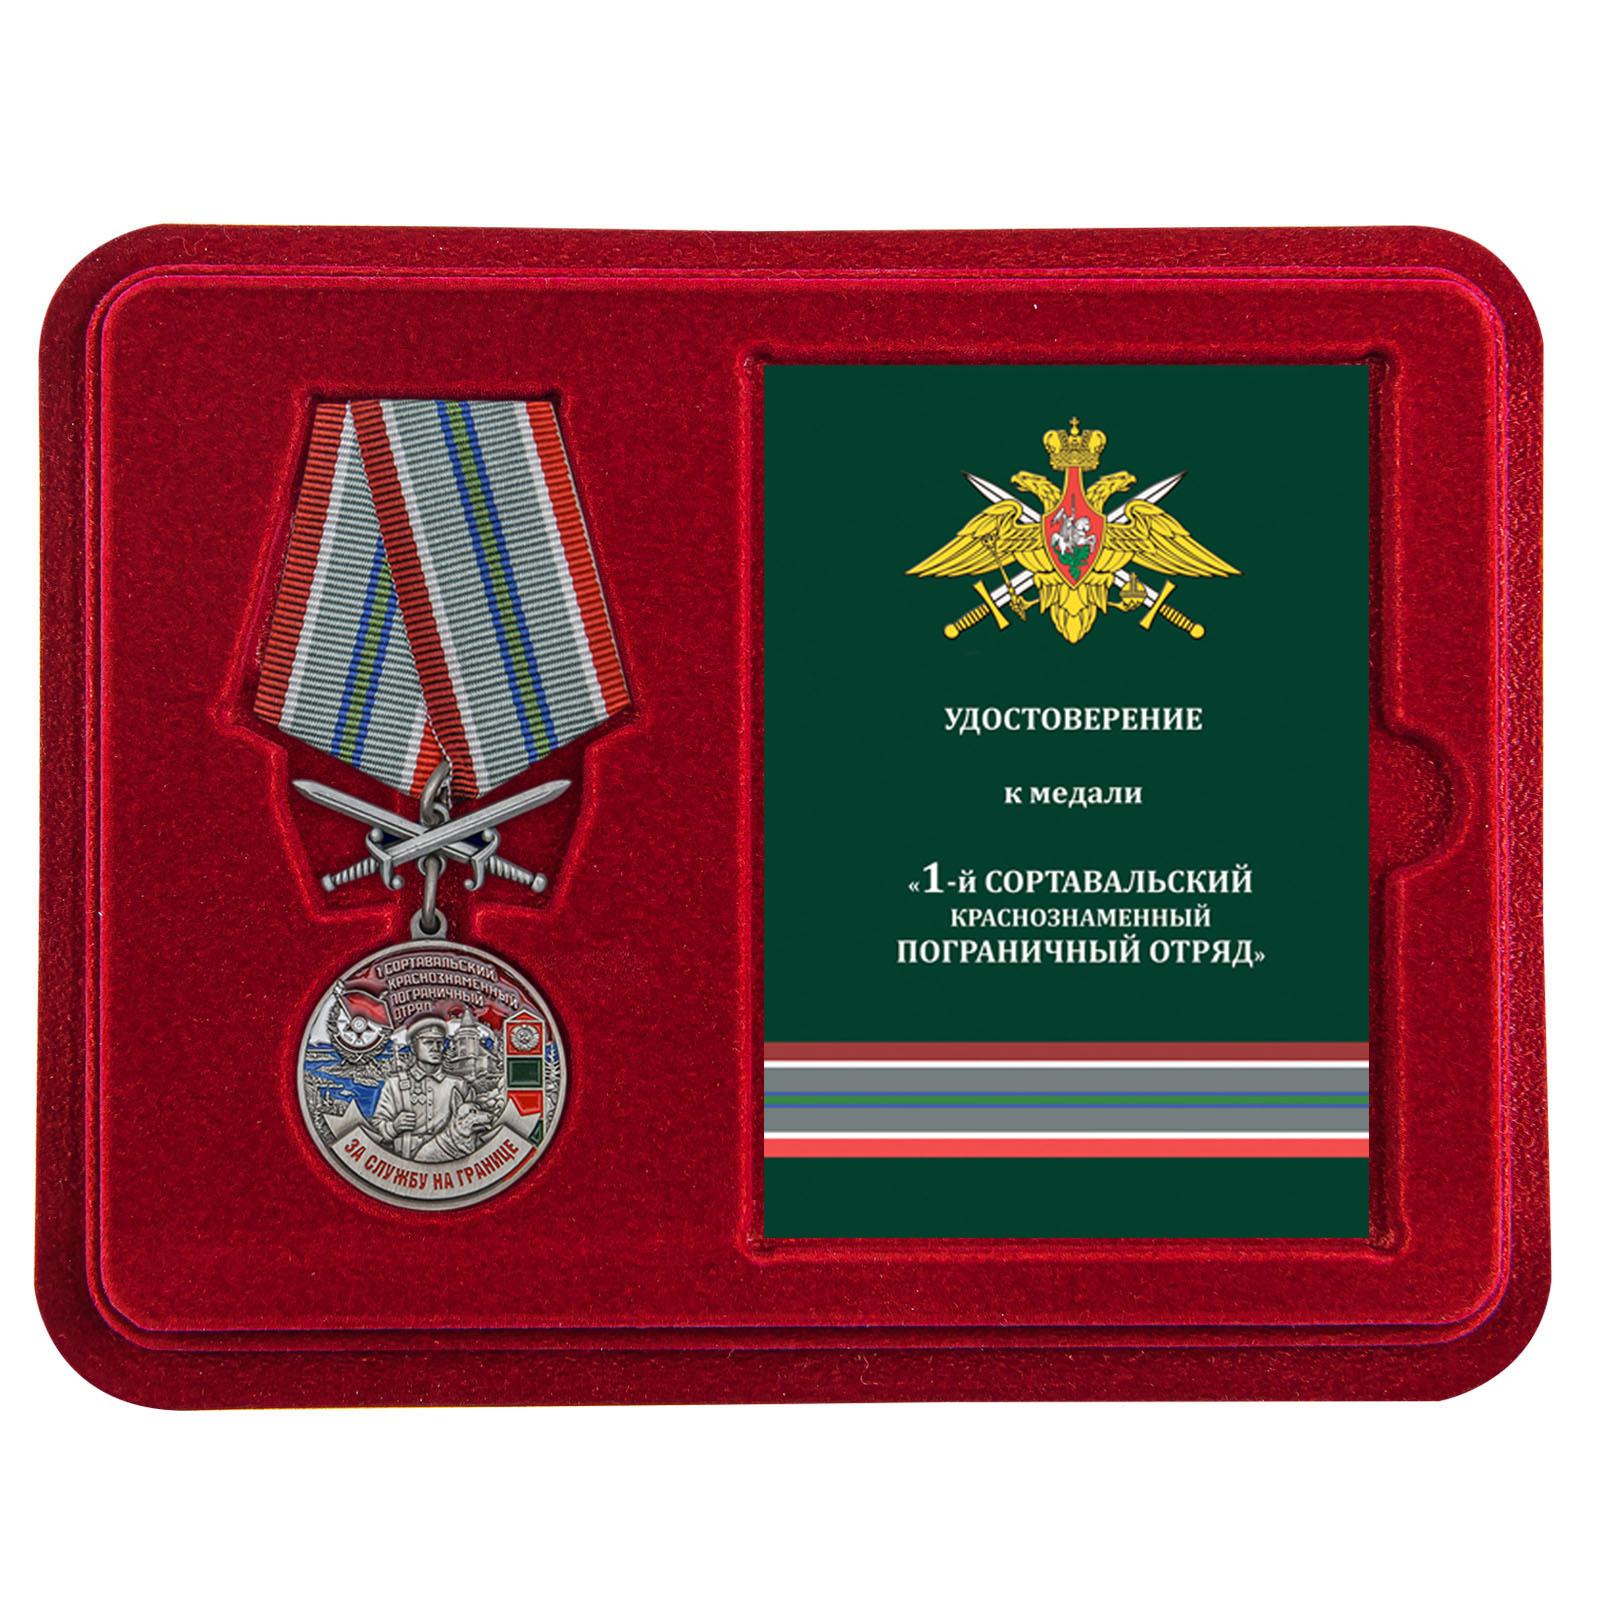 Памятная медаль За службу в Сортавальском пограничном отряде - в футляре